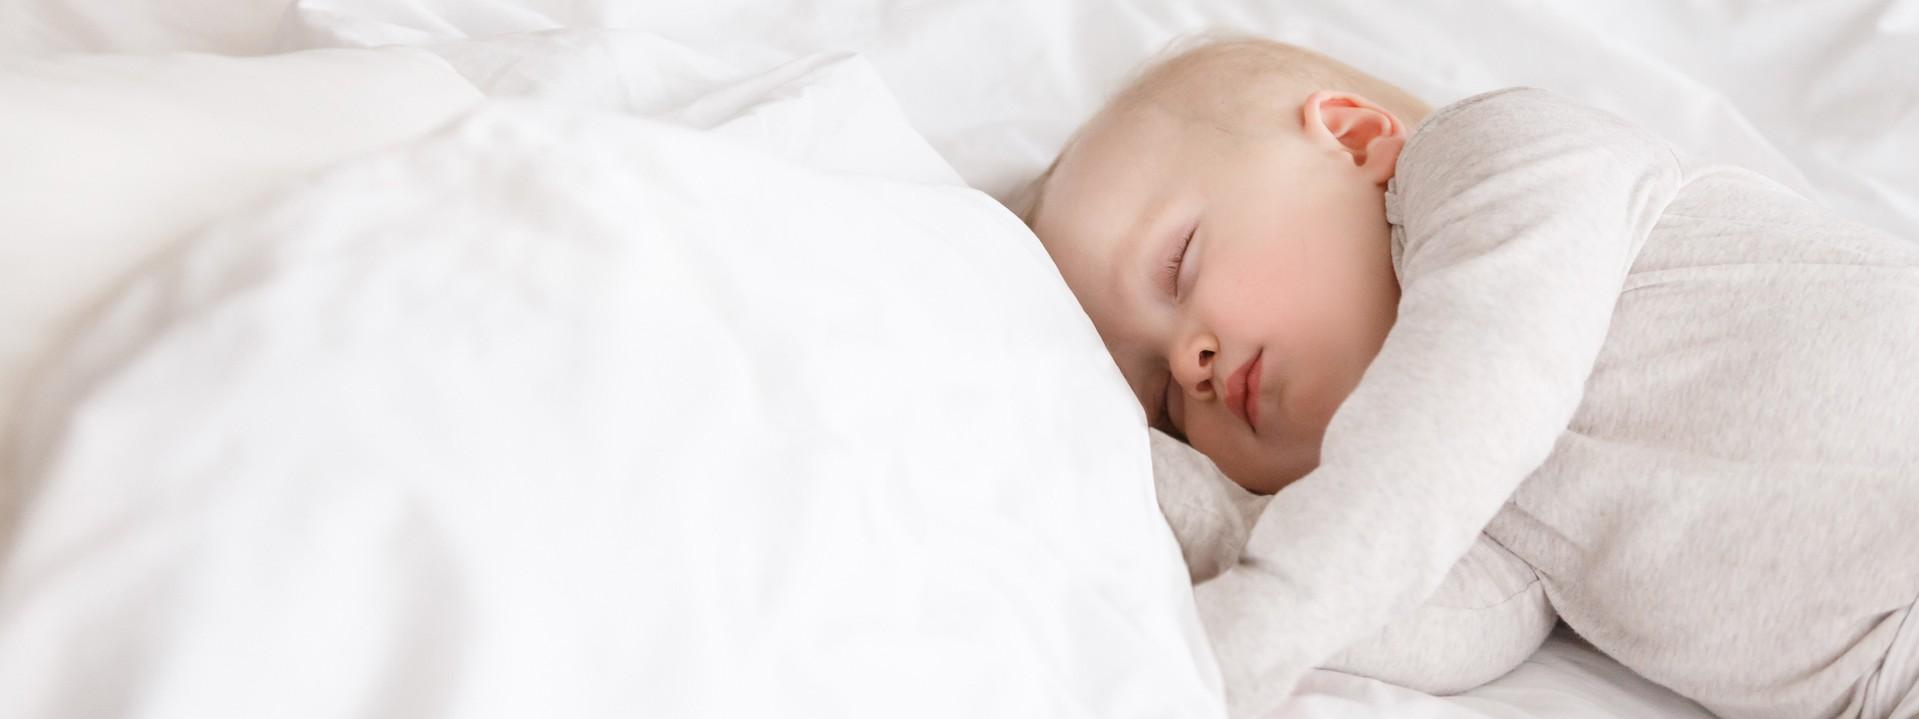 Kleinkind schläft im weißen Bett.